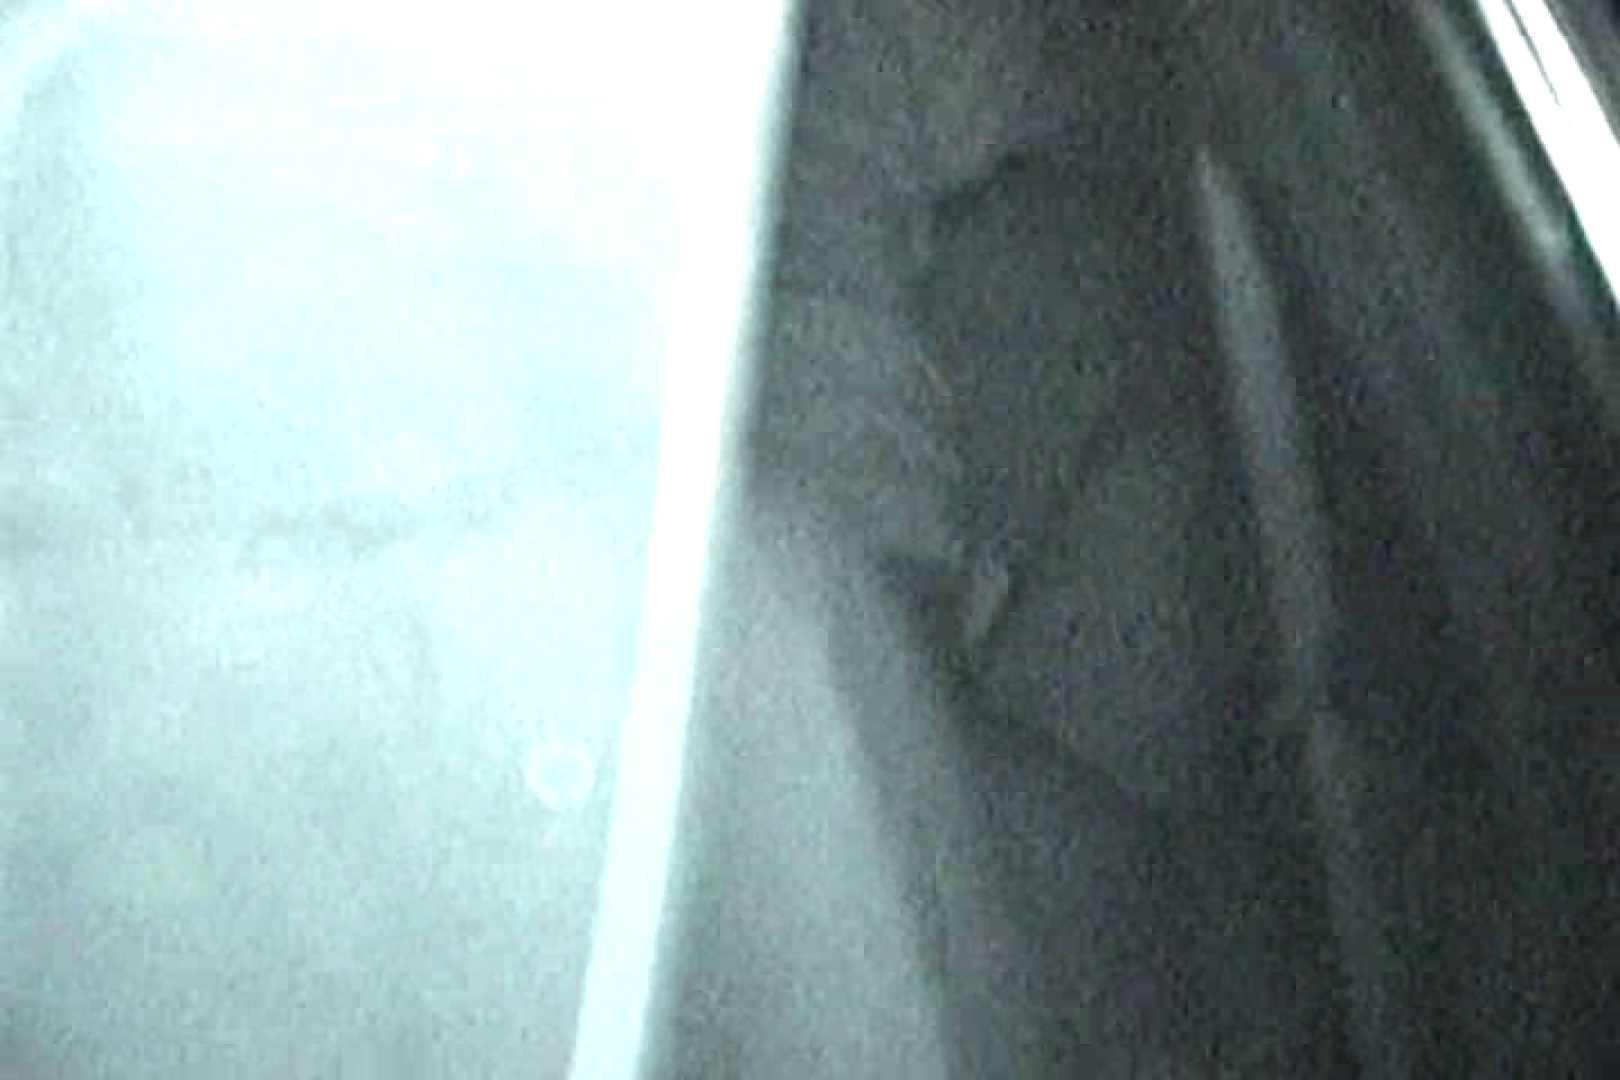 充血監督の深夜の運動会Vol.8 エッチなセックス セックス無修正動画無料 106画像 92